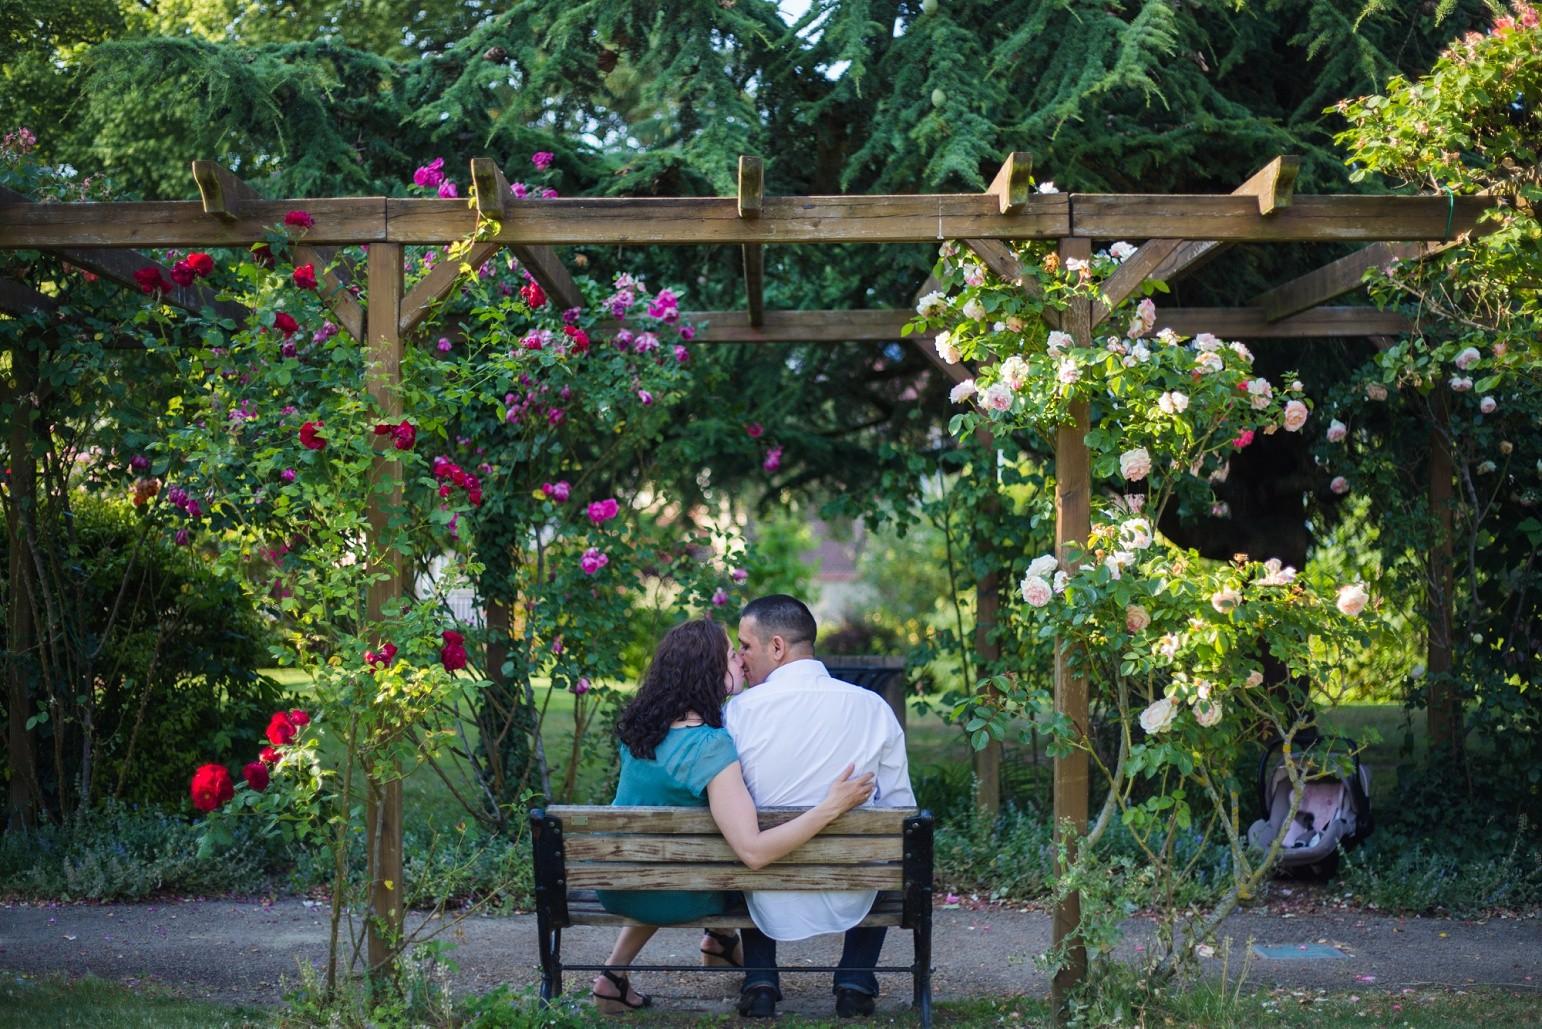 katerynaphotos-mariage-photographe-paysdelaloire-lemans-sarthe-sud_0633.jpg